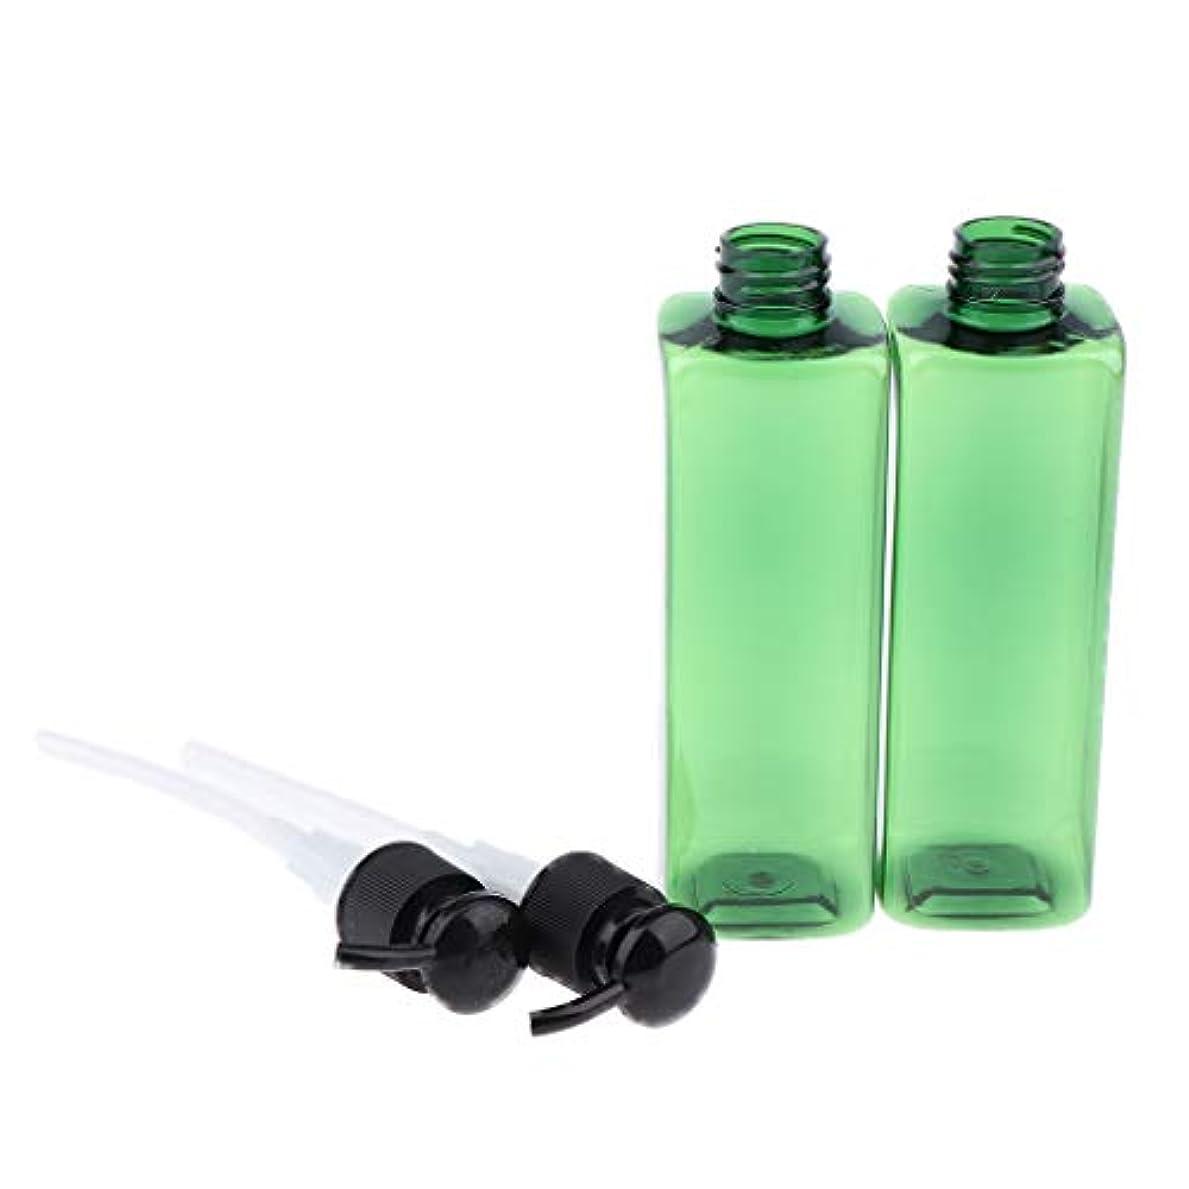 高揚したわずかに塩辛い250ミリリットル ポンプボトル プラスチック 旅行 ローション 詰め替え可能な ボトル - ブラック